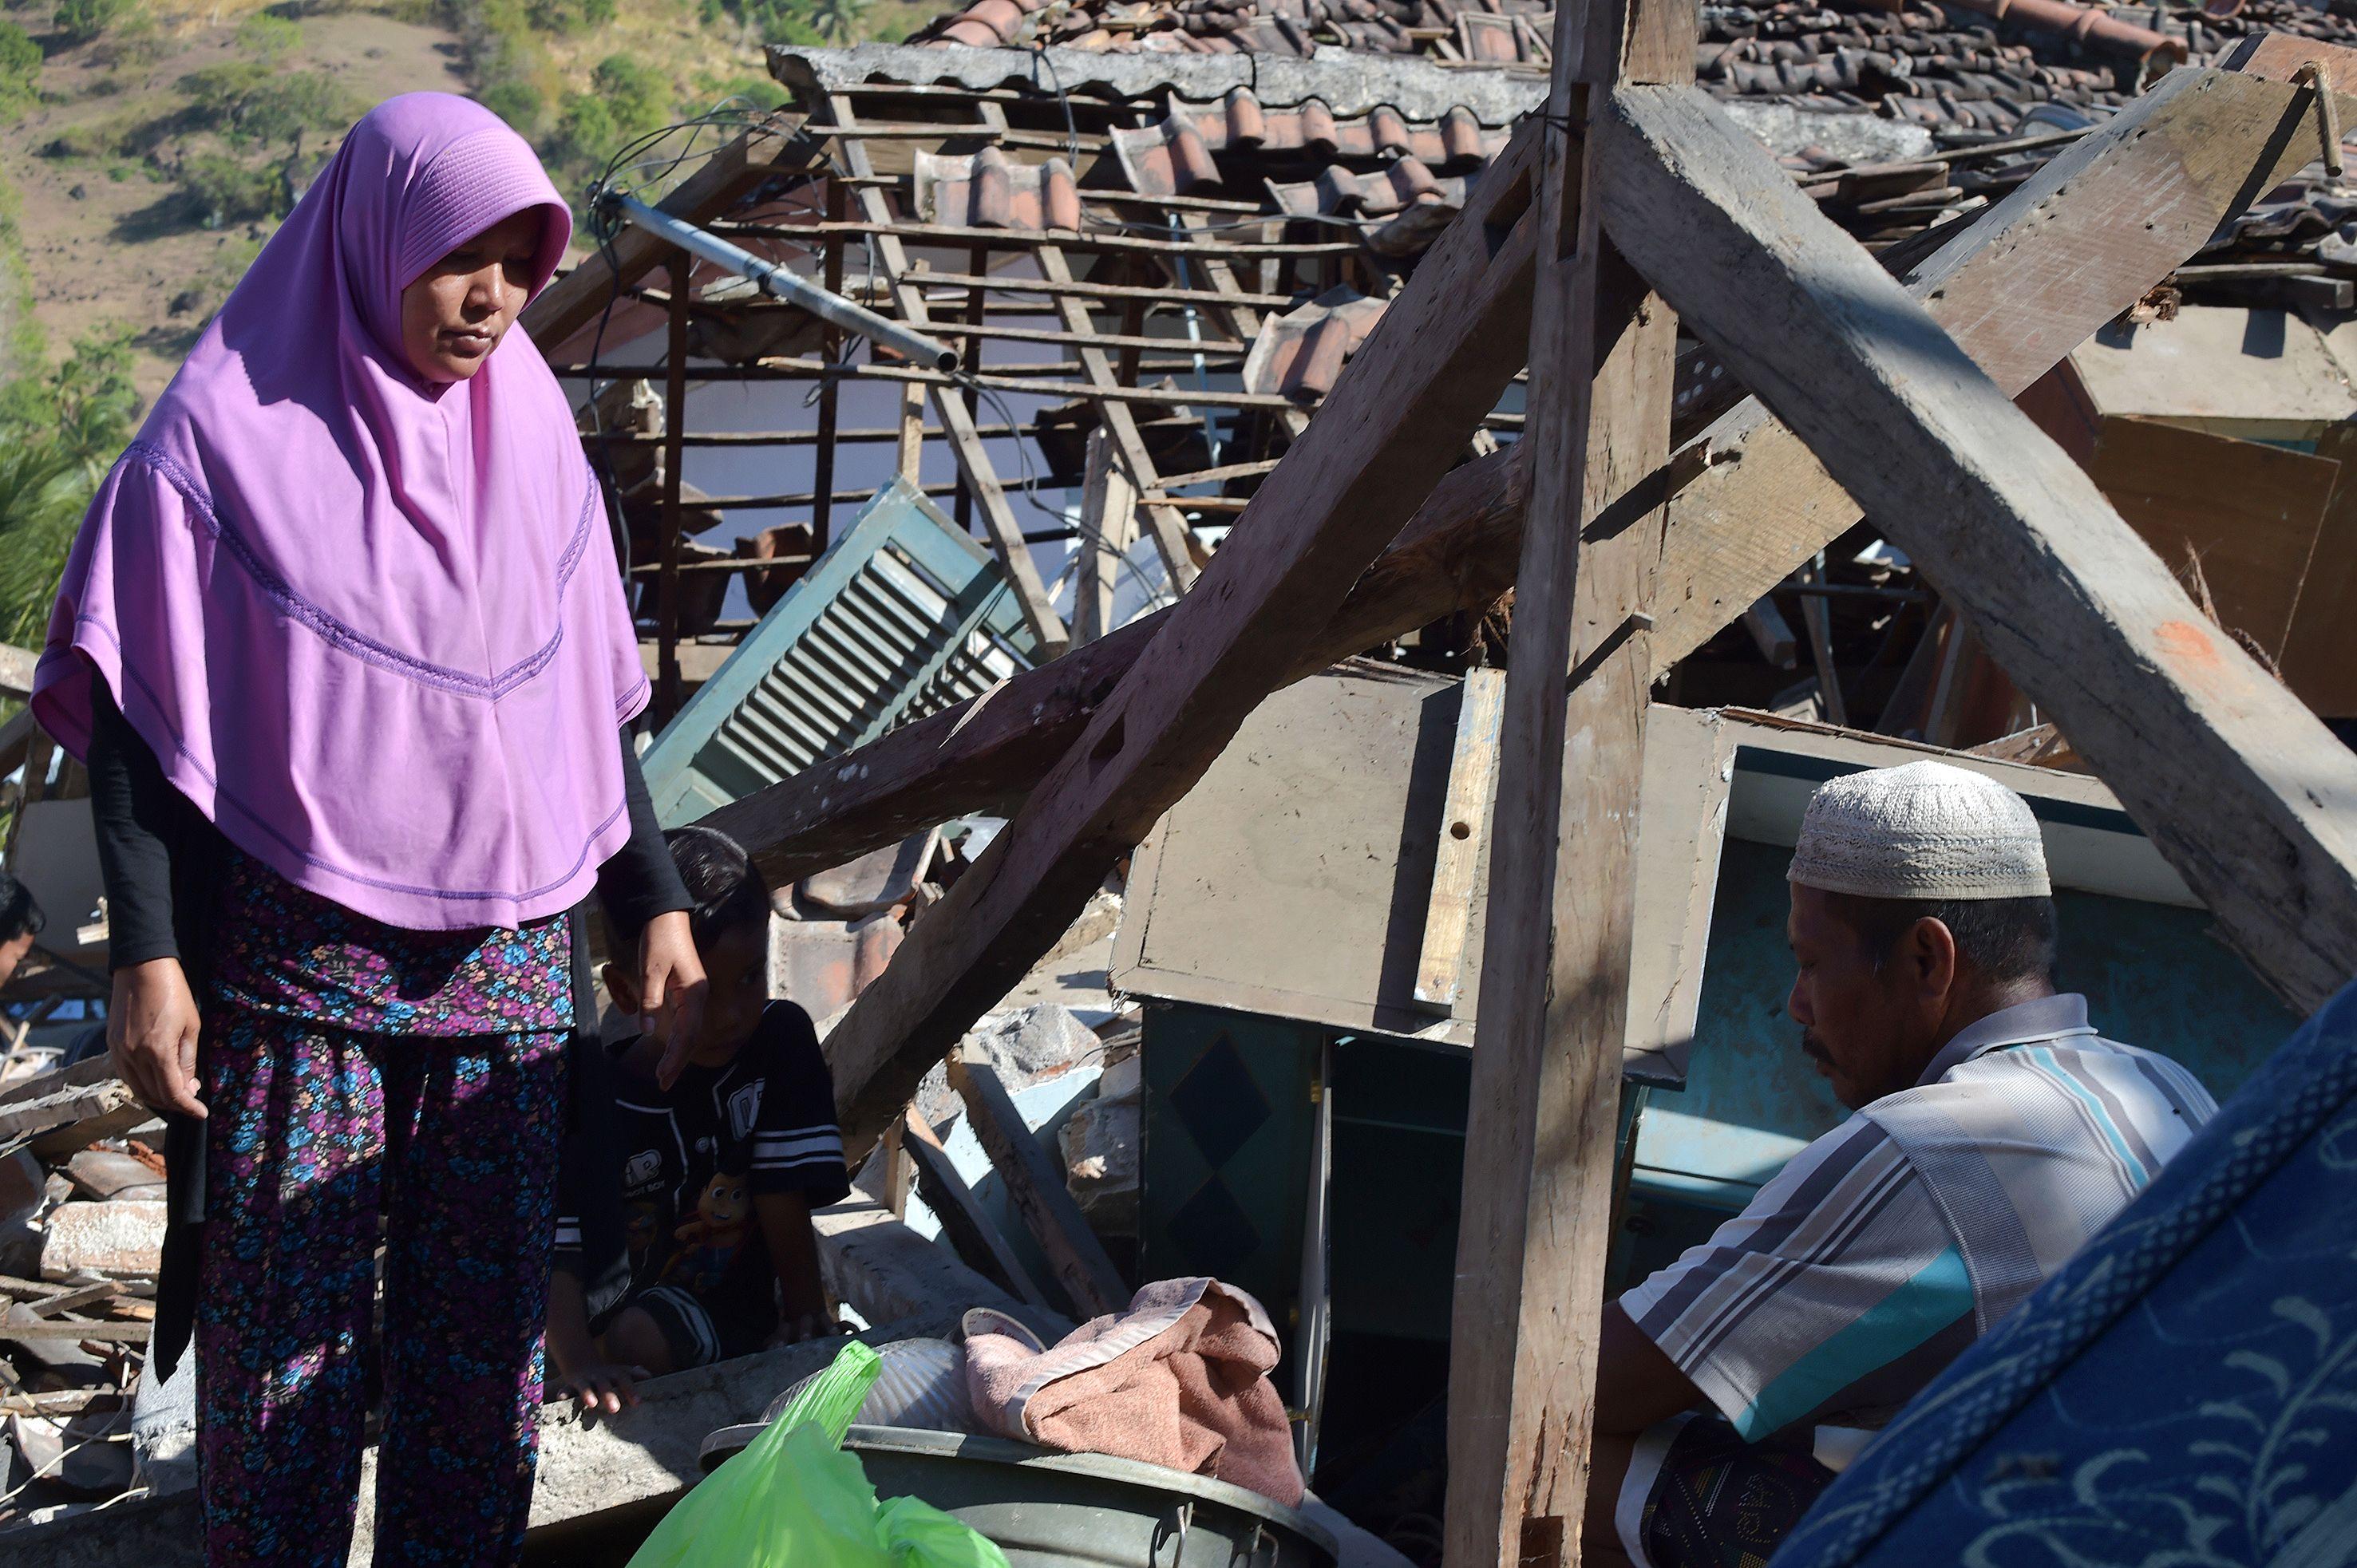 مواطنون أندونيسيين أصبحوا بلا مأوى